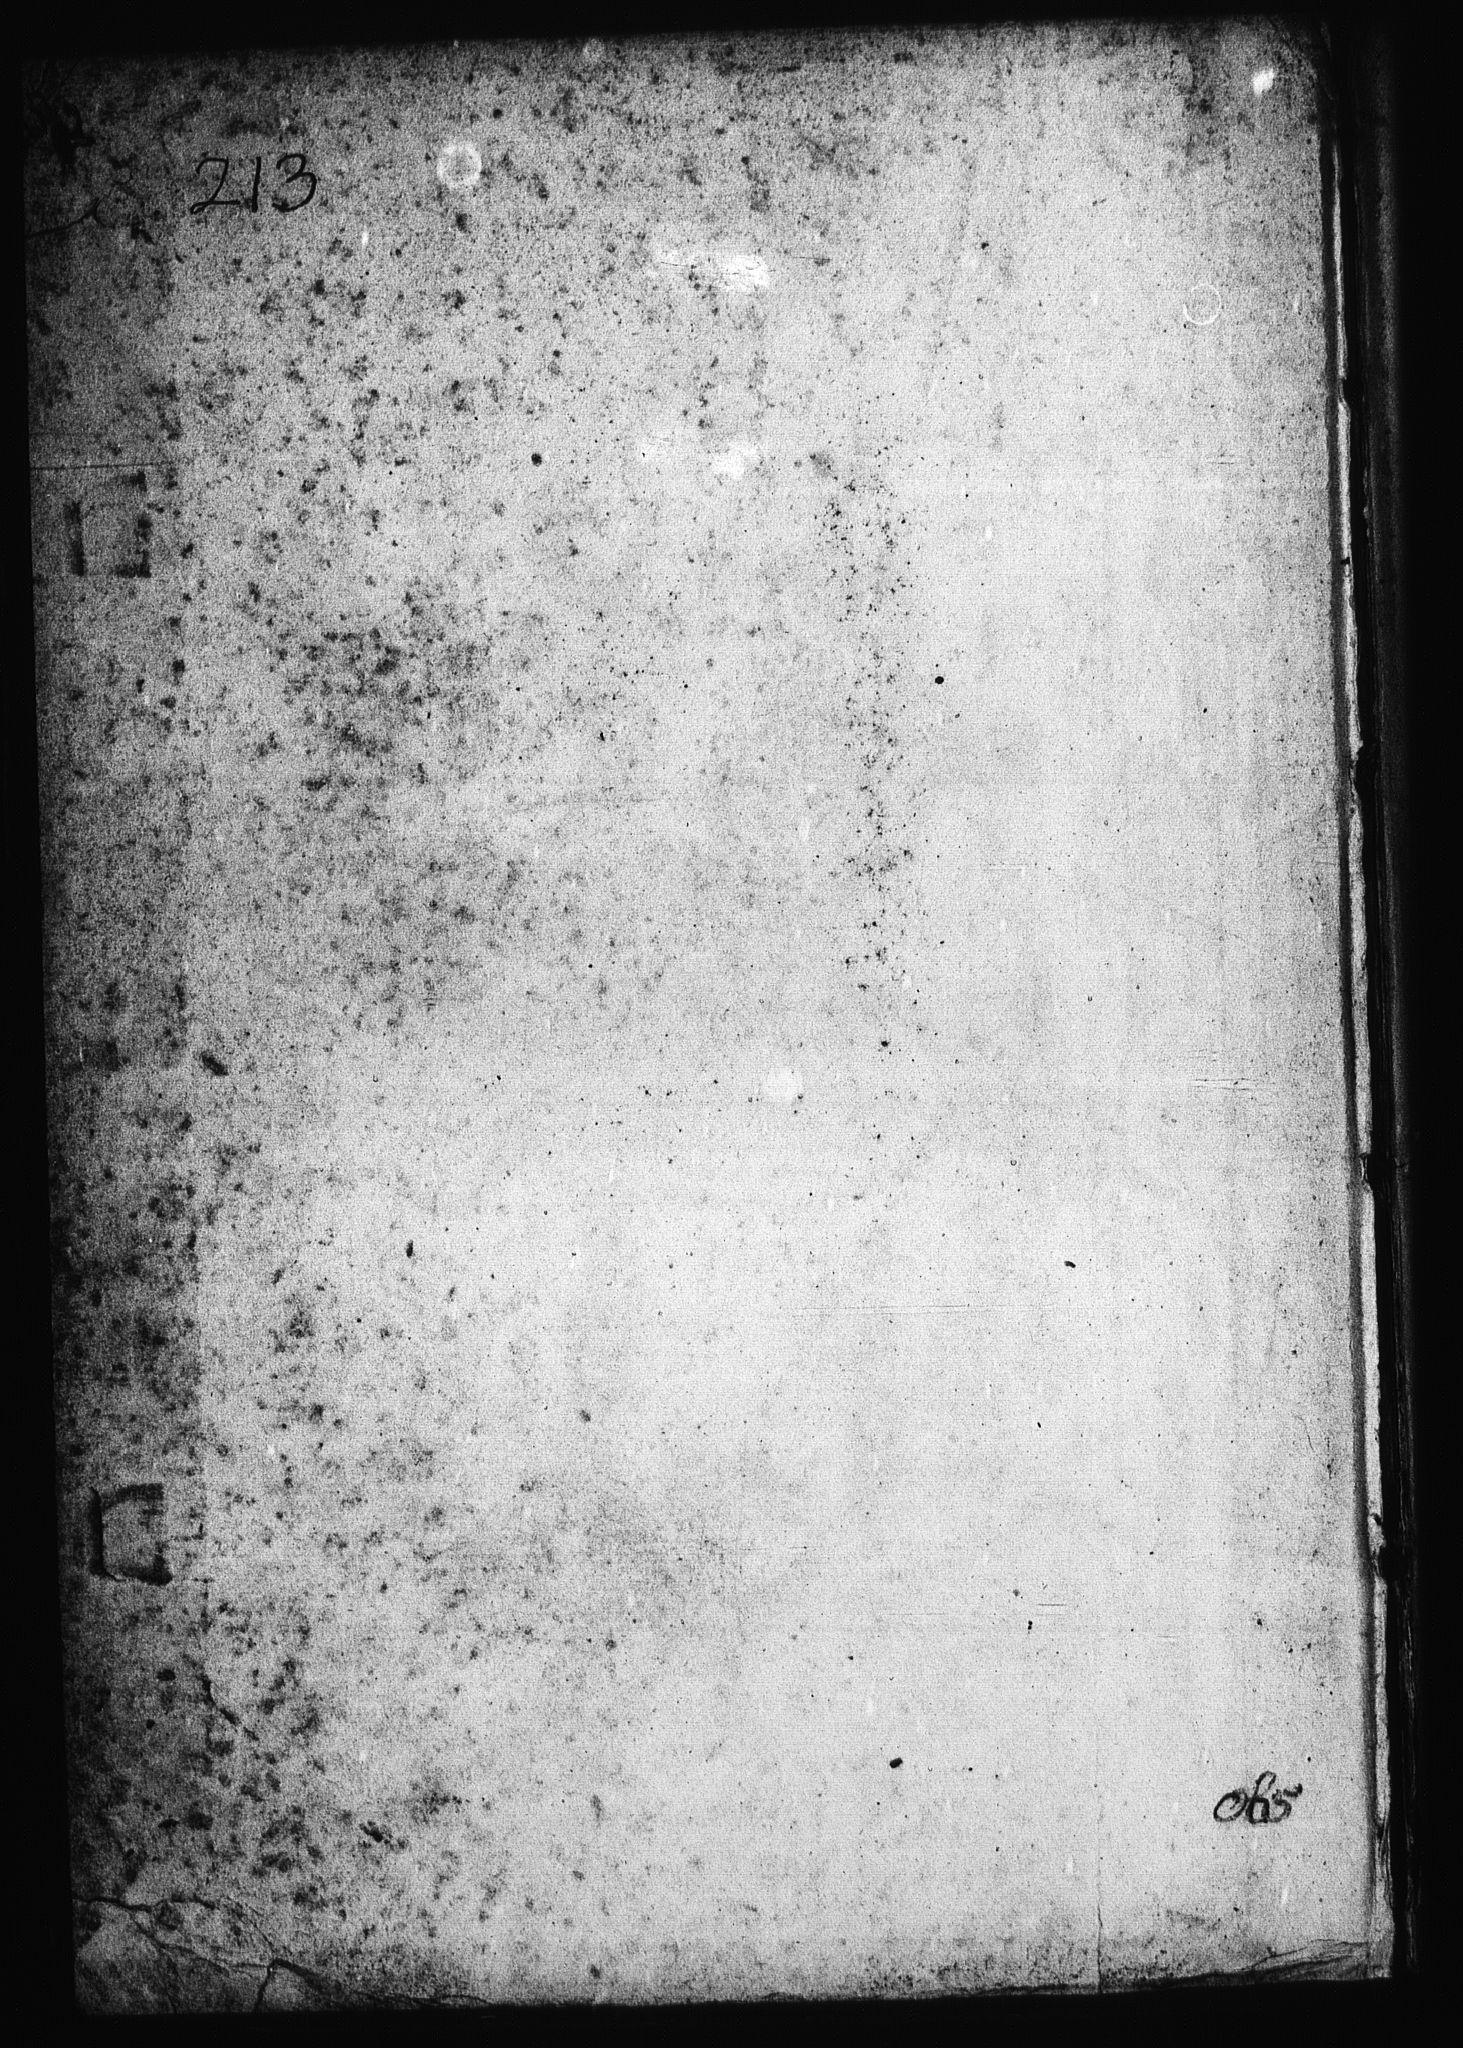 RA, Sjøetaten, F/L0214: Bergen stift, bind 5, 1789